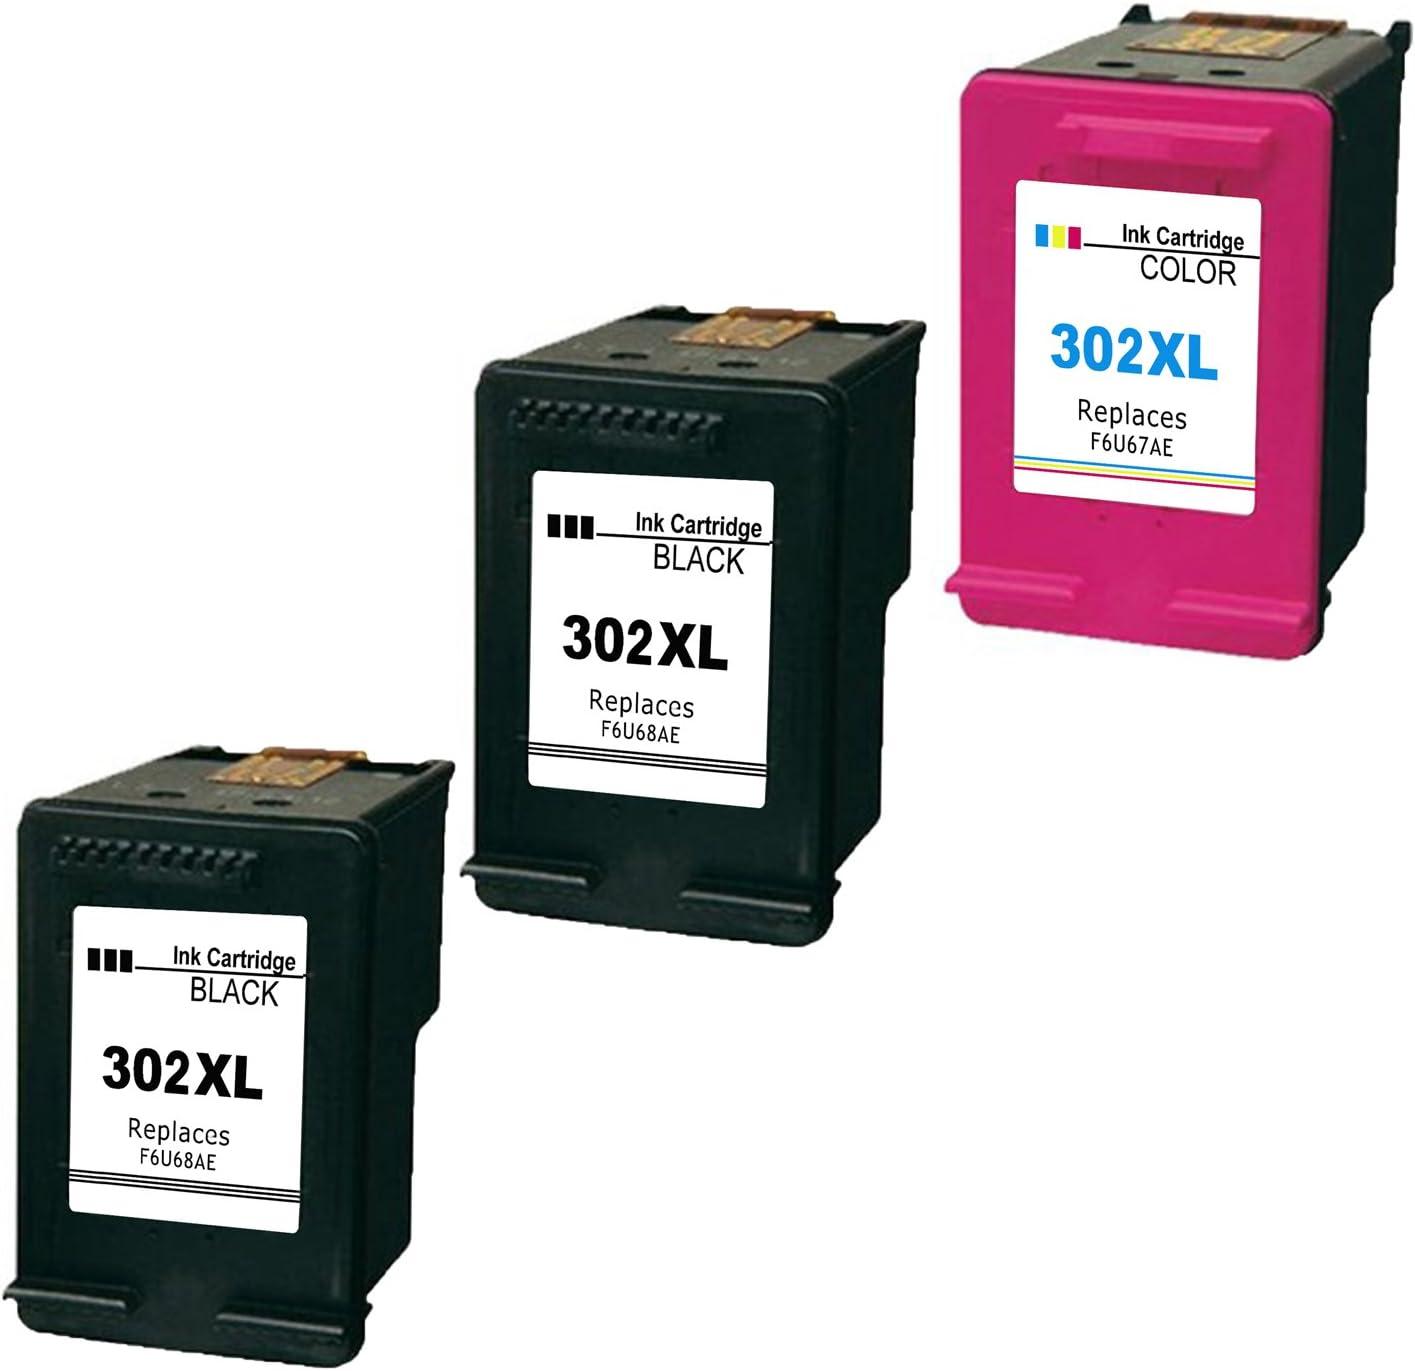 Ink_seller - Paquete de 3 cartuchos de tinta compatibles con HP 302XL (2 negro, 1 color) para impresora HP Envy 45: Amazon.es: Oficina y papelería